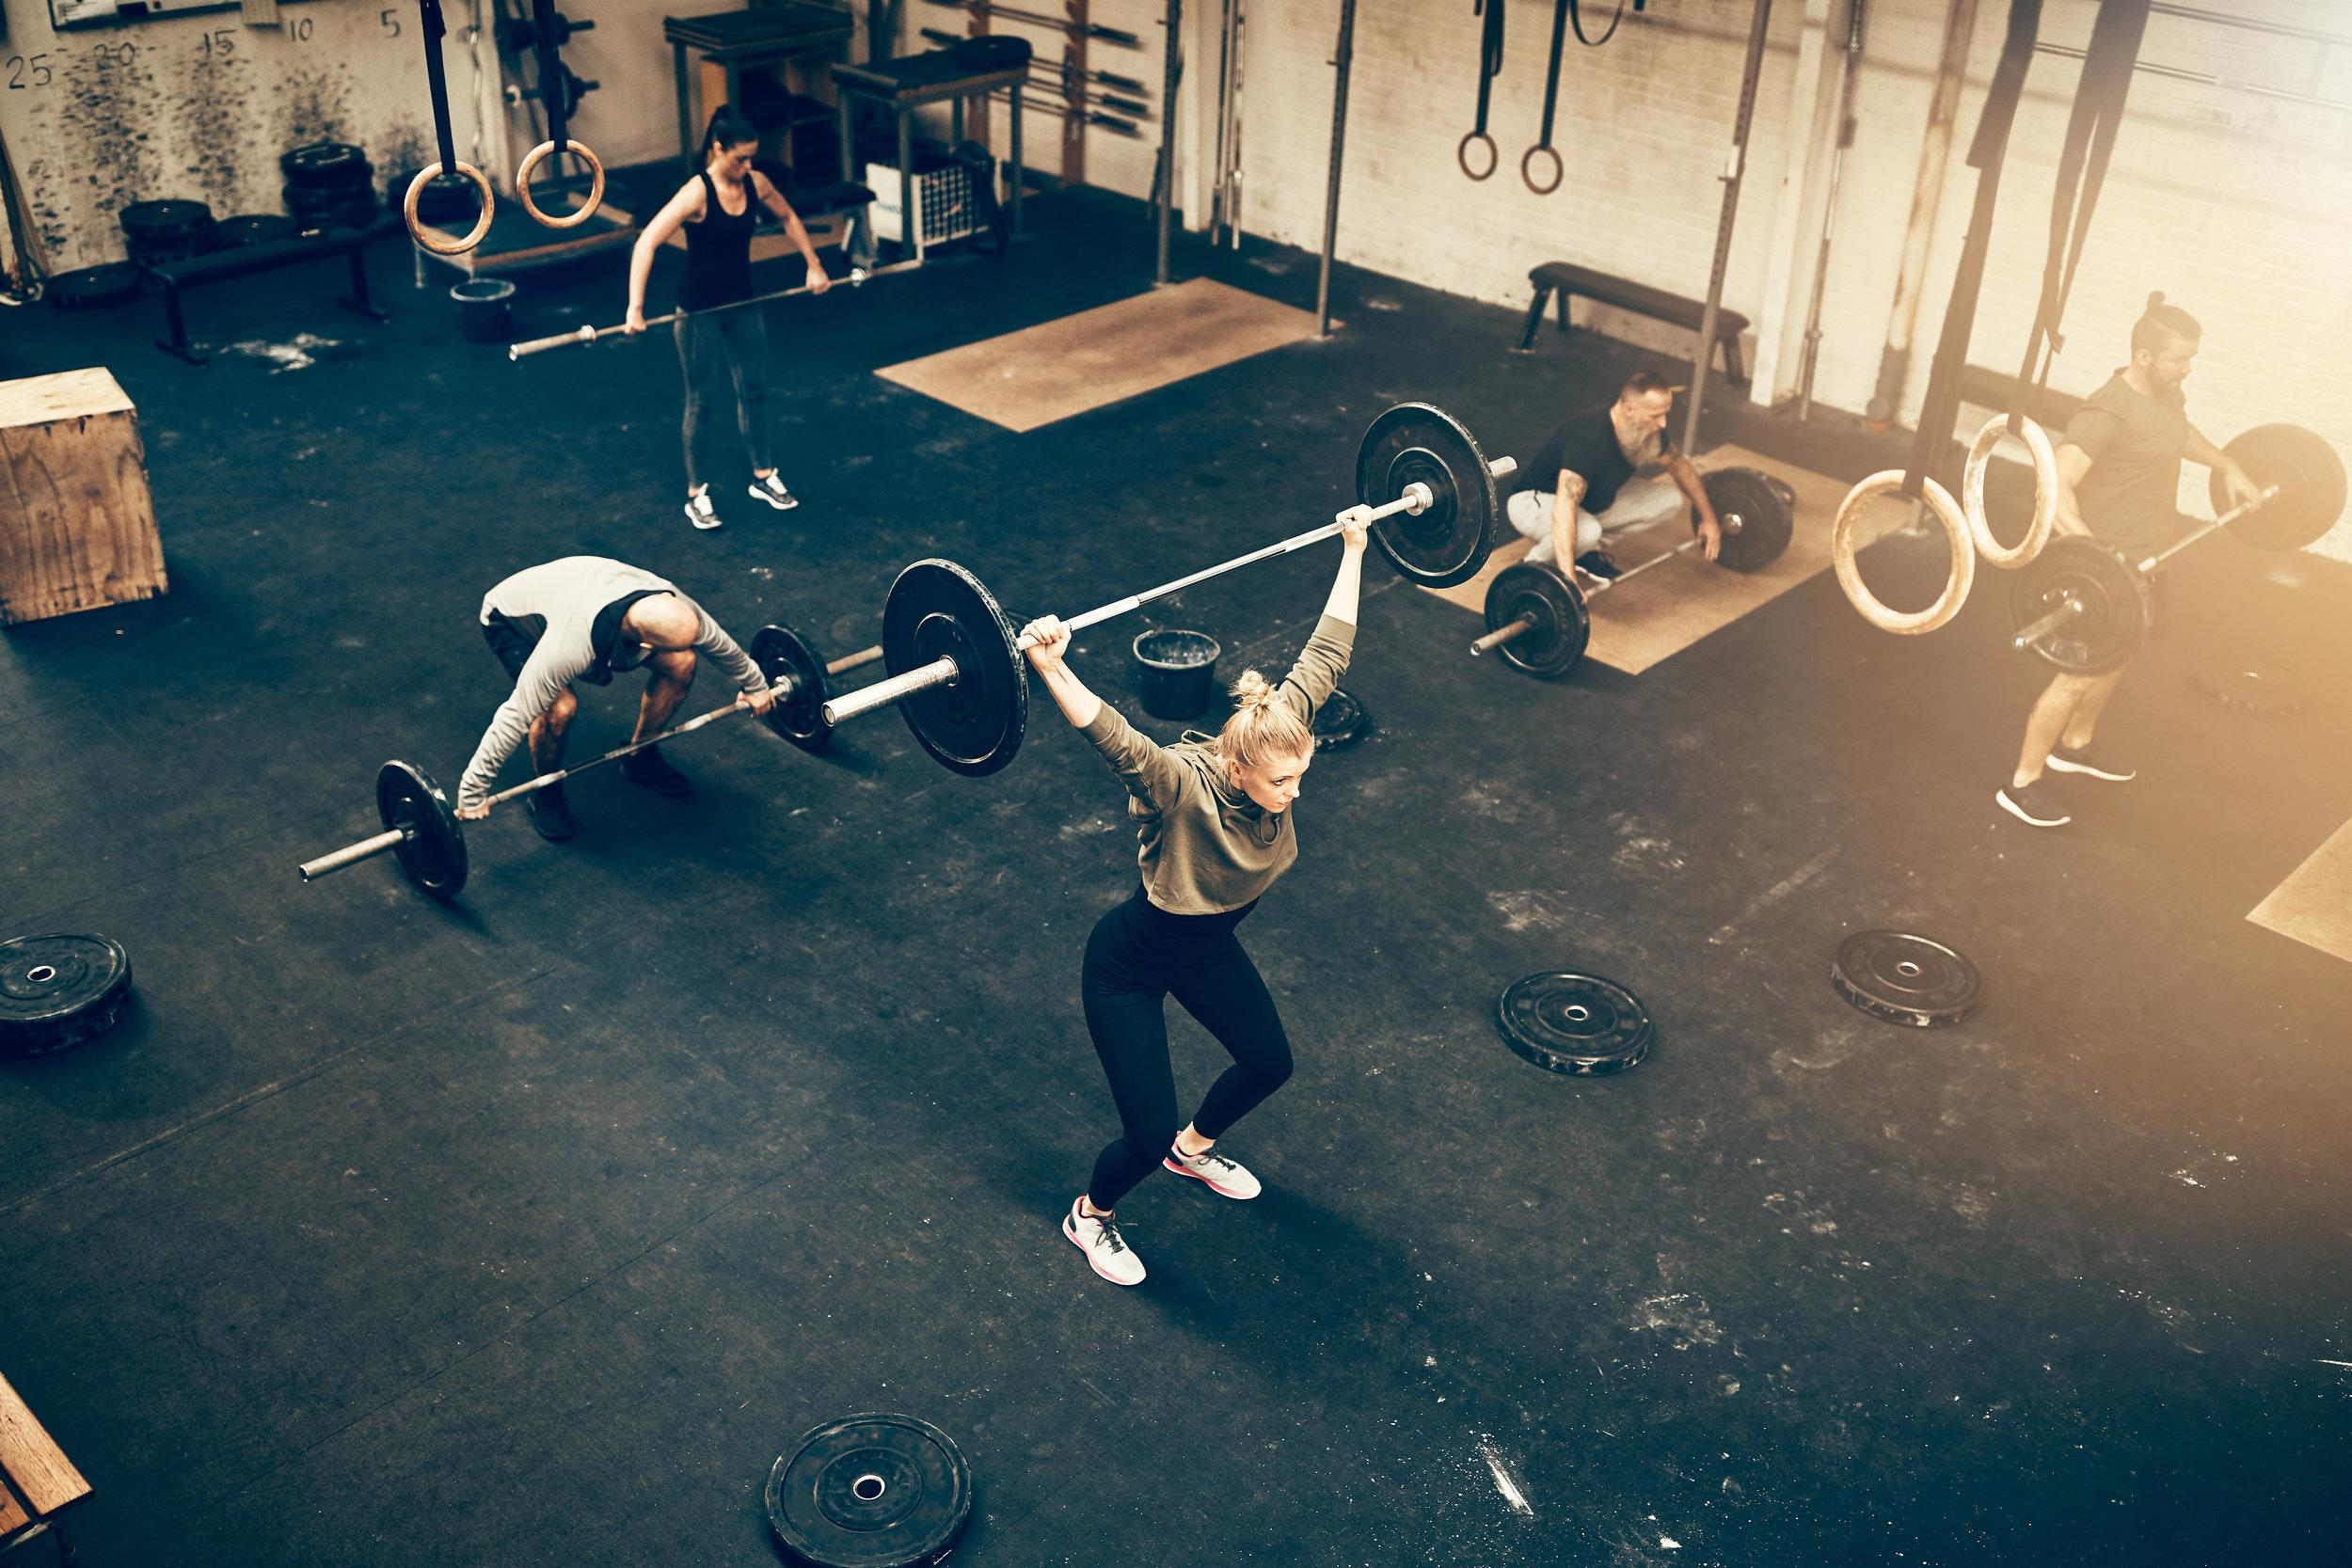 Gym_Floor_Original.jpeg